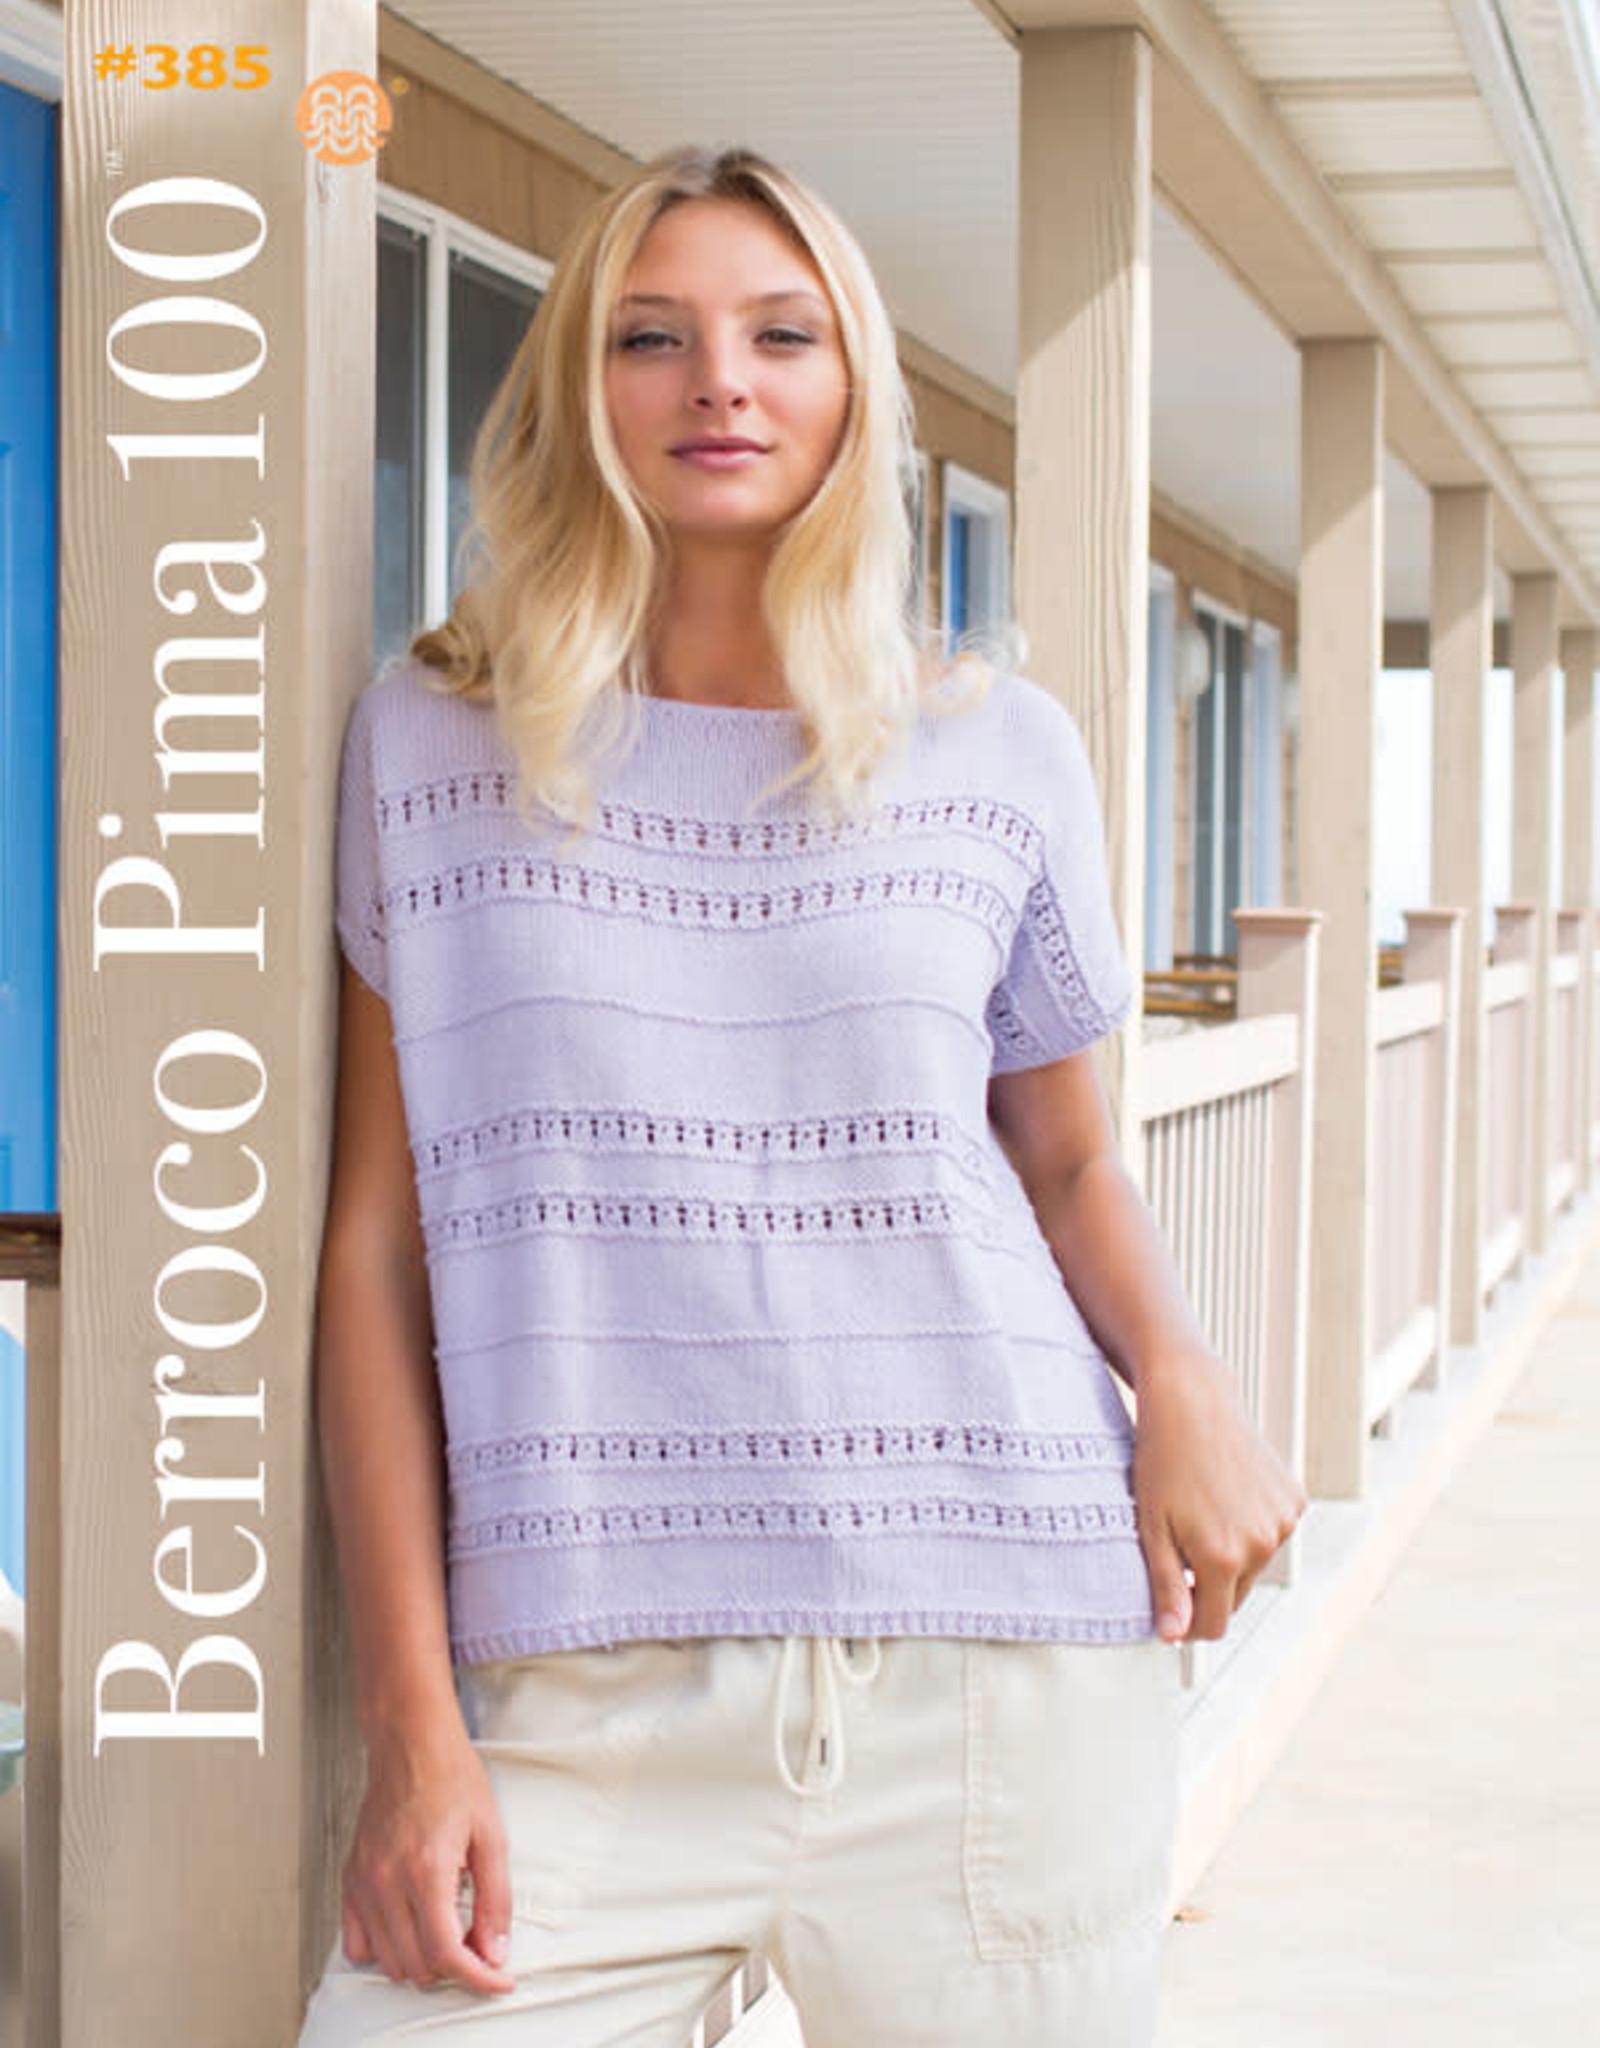 Berroco #385 Pima 100 Booklet